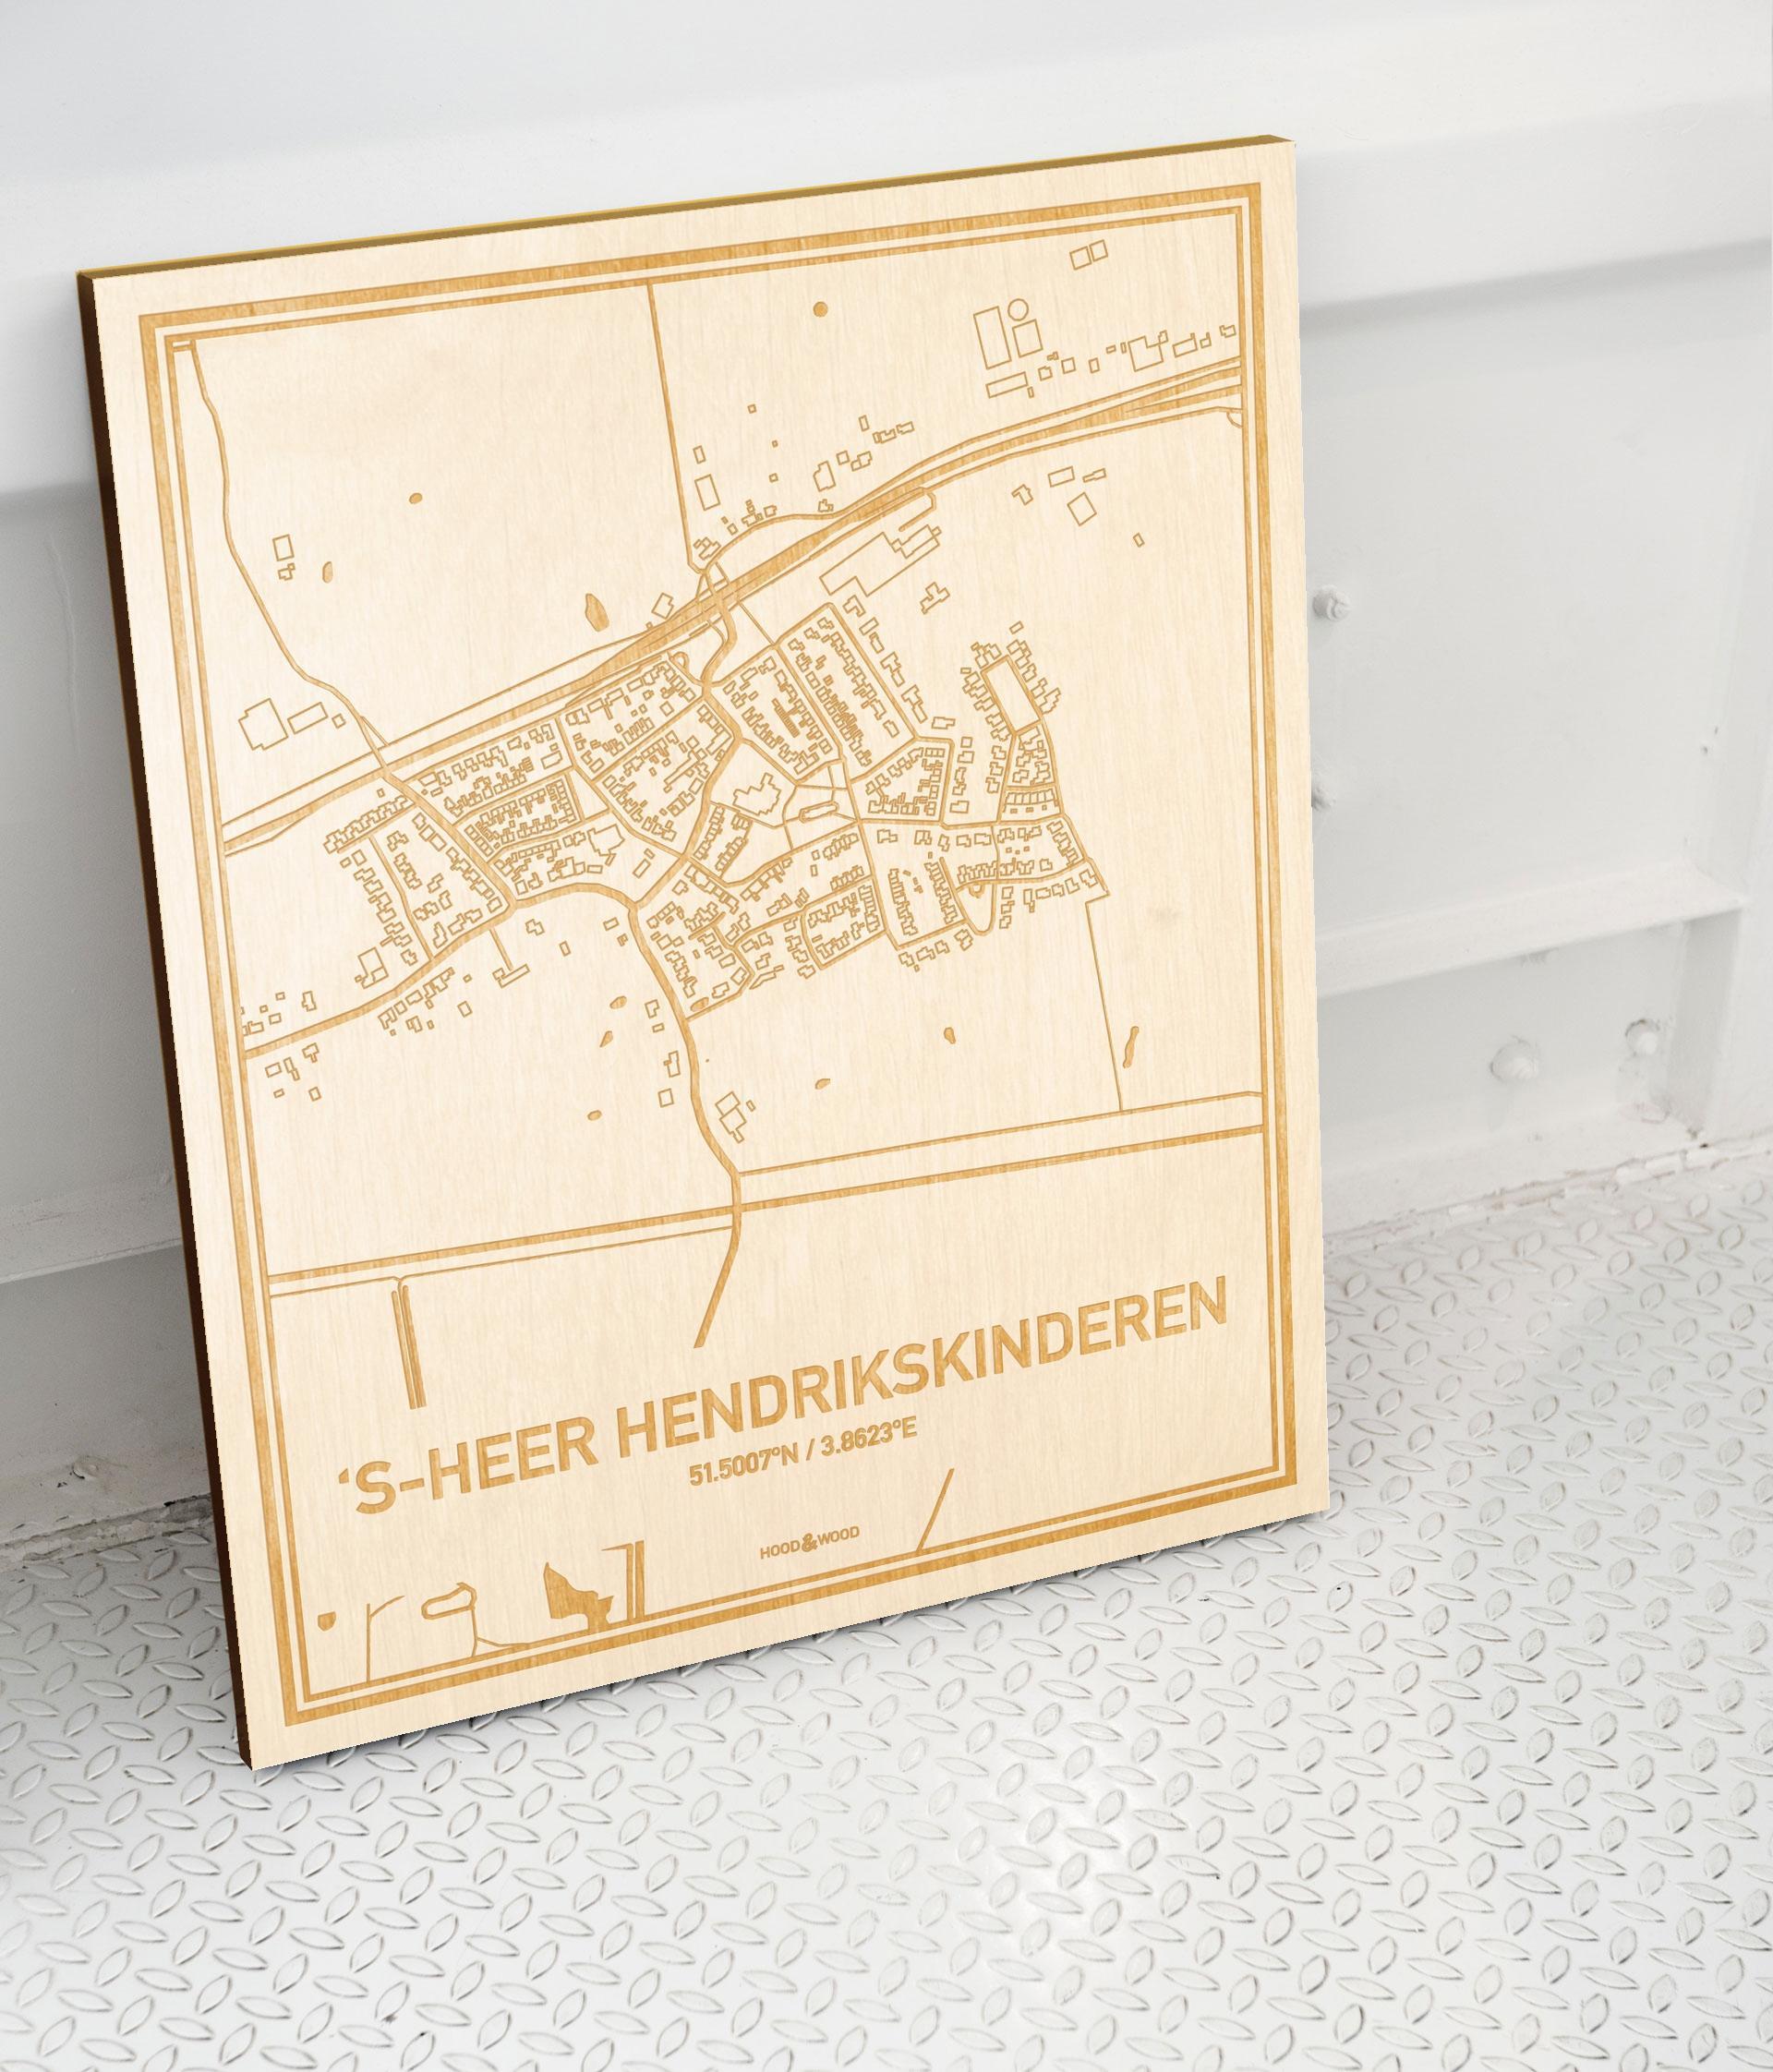 Plattegrond 's-Heer Hendrikskinderen als prachtige houten wanddecoratie. Het warme hout contrasteert mooi met de witte muur.